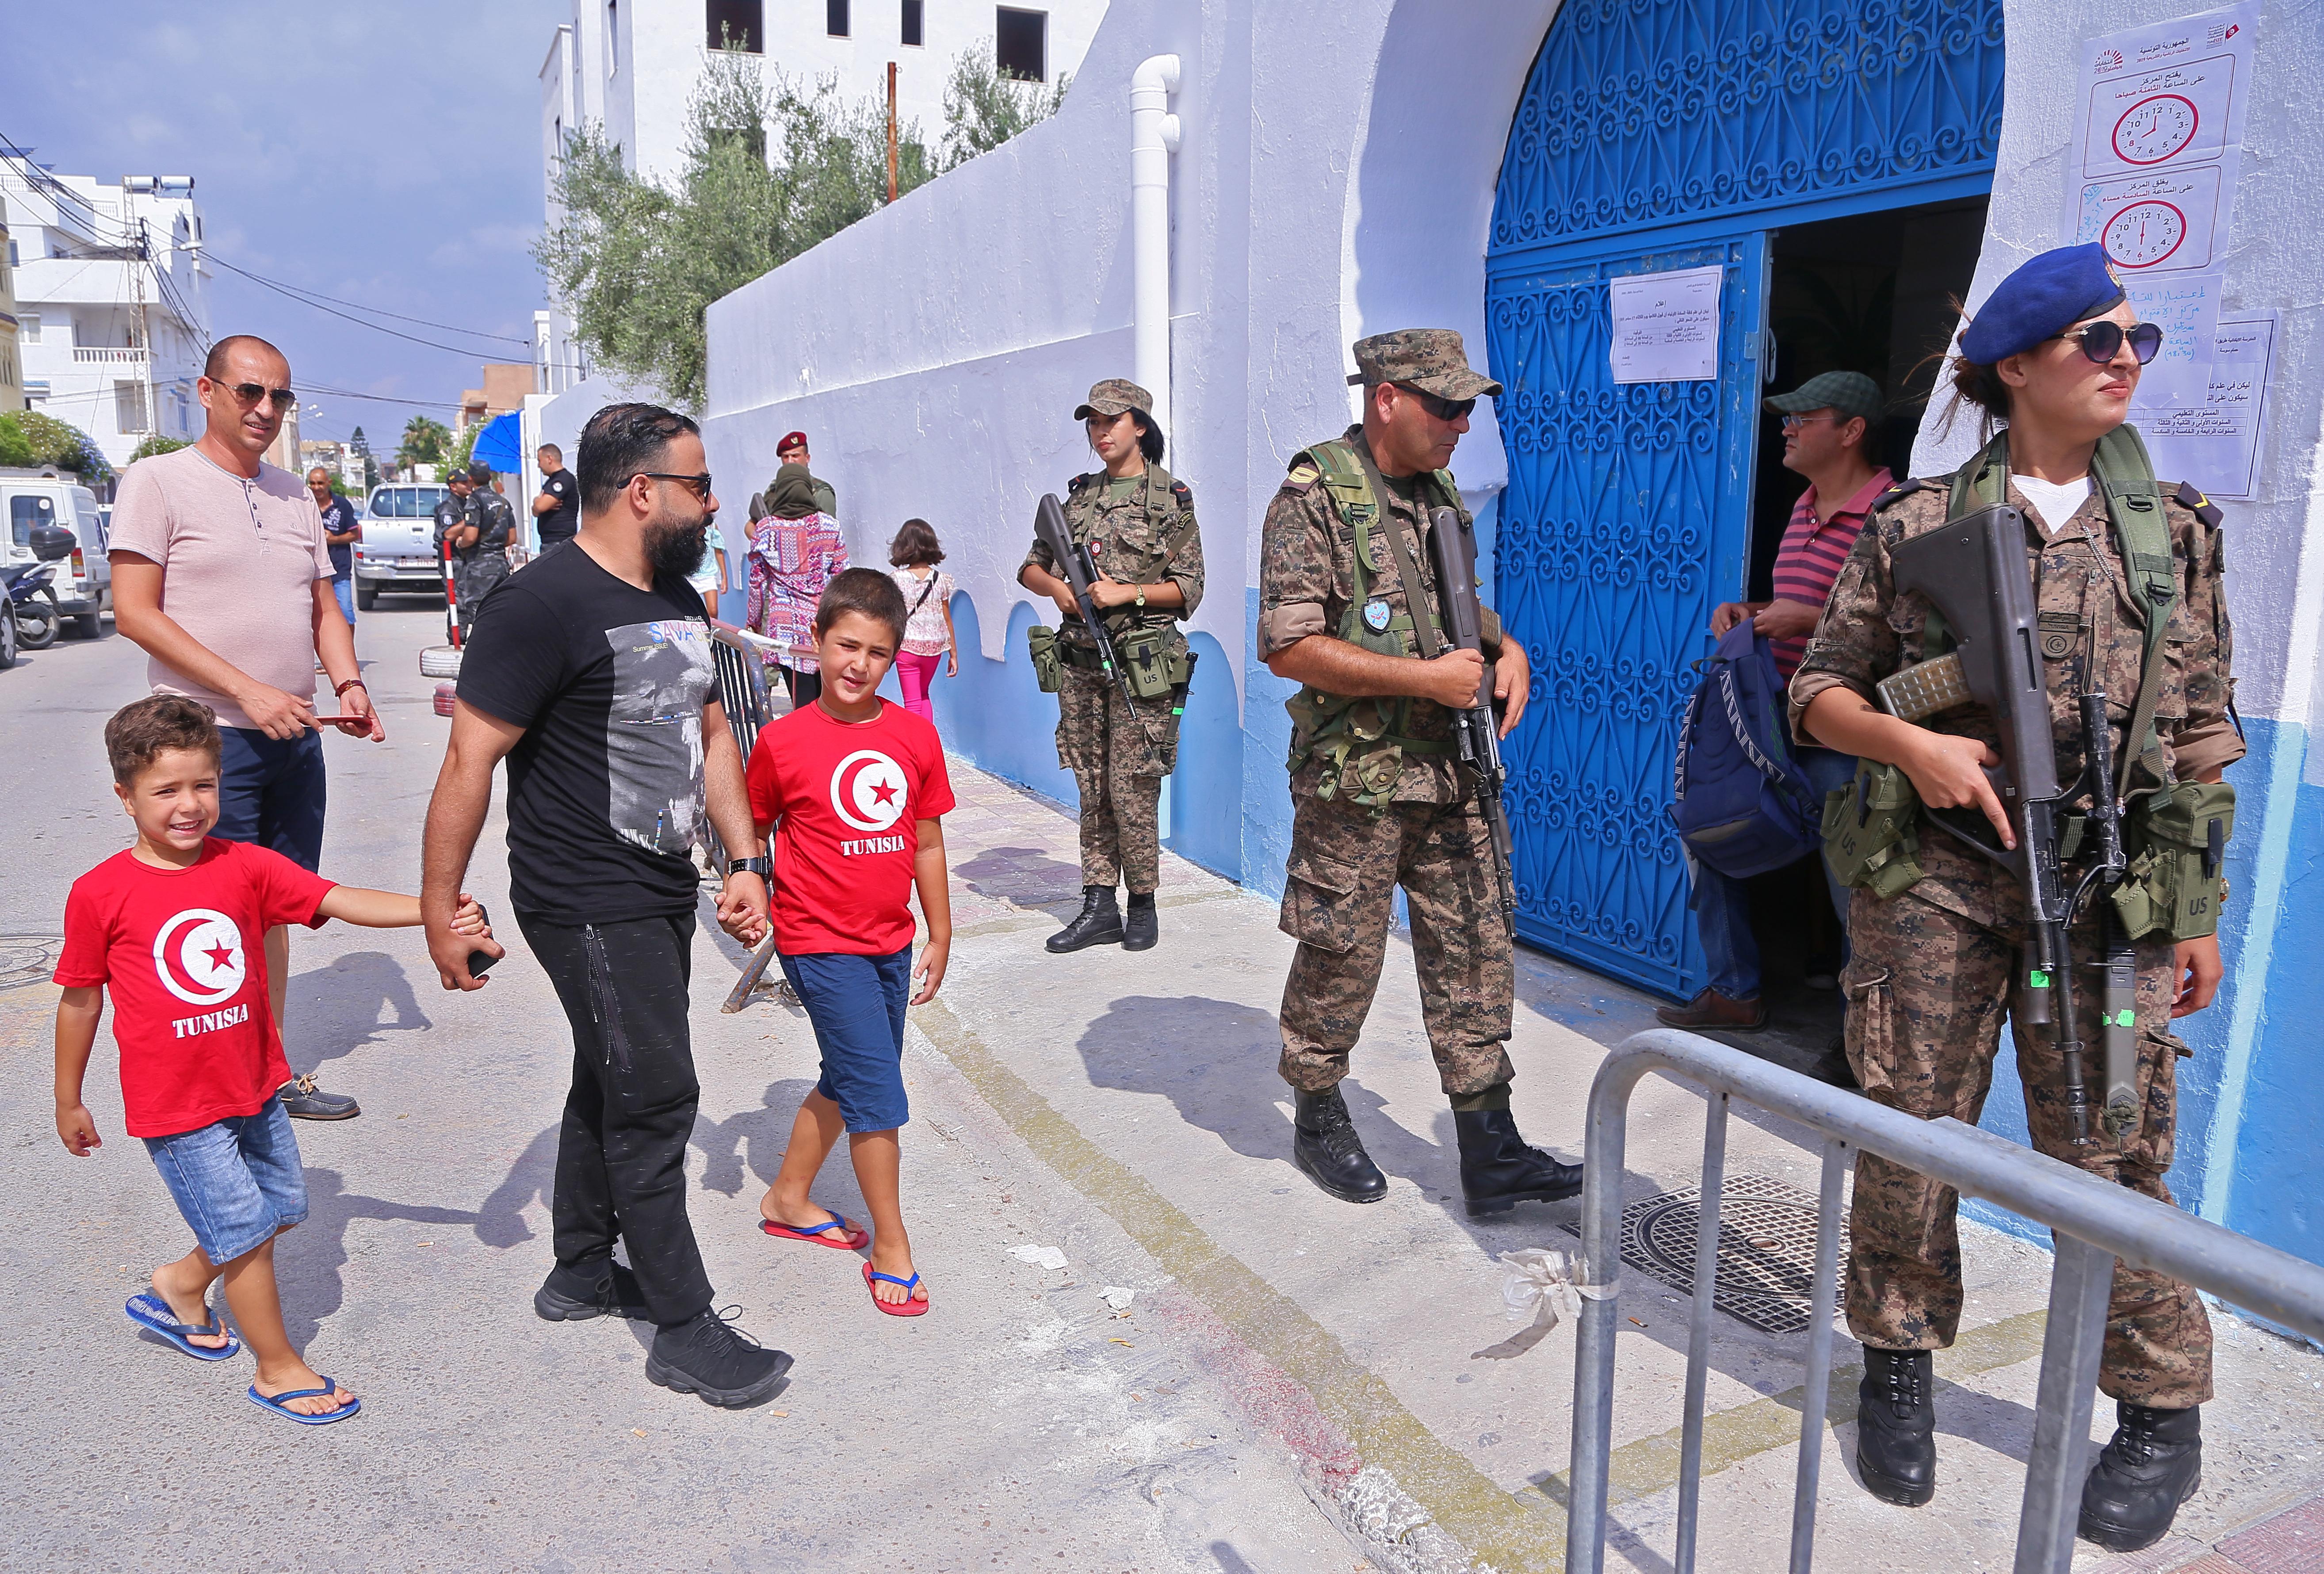 قوات الأمن انتشرت لضمان سير العملية الانتخابية بسلاسة